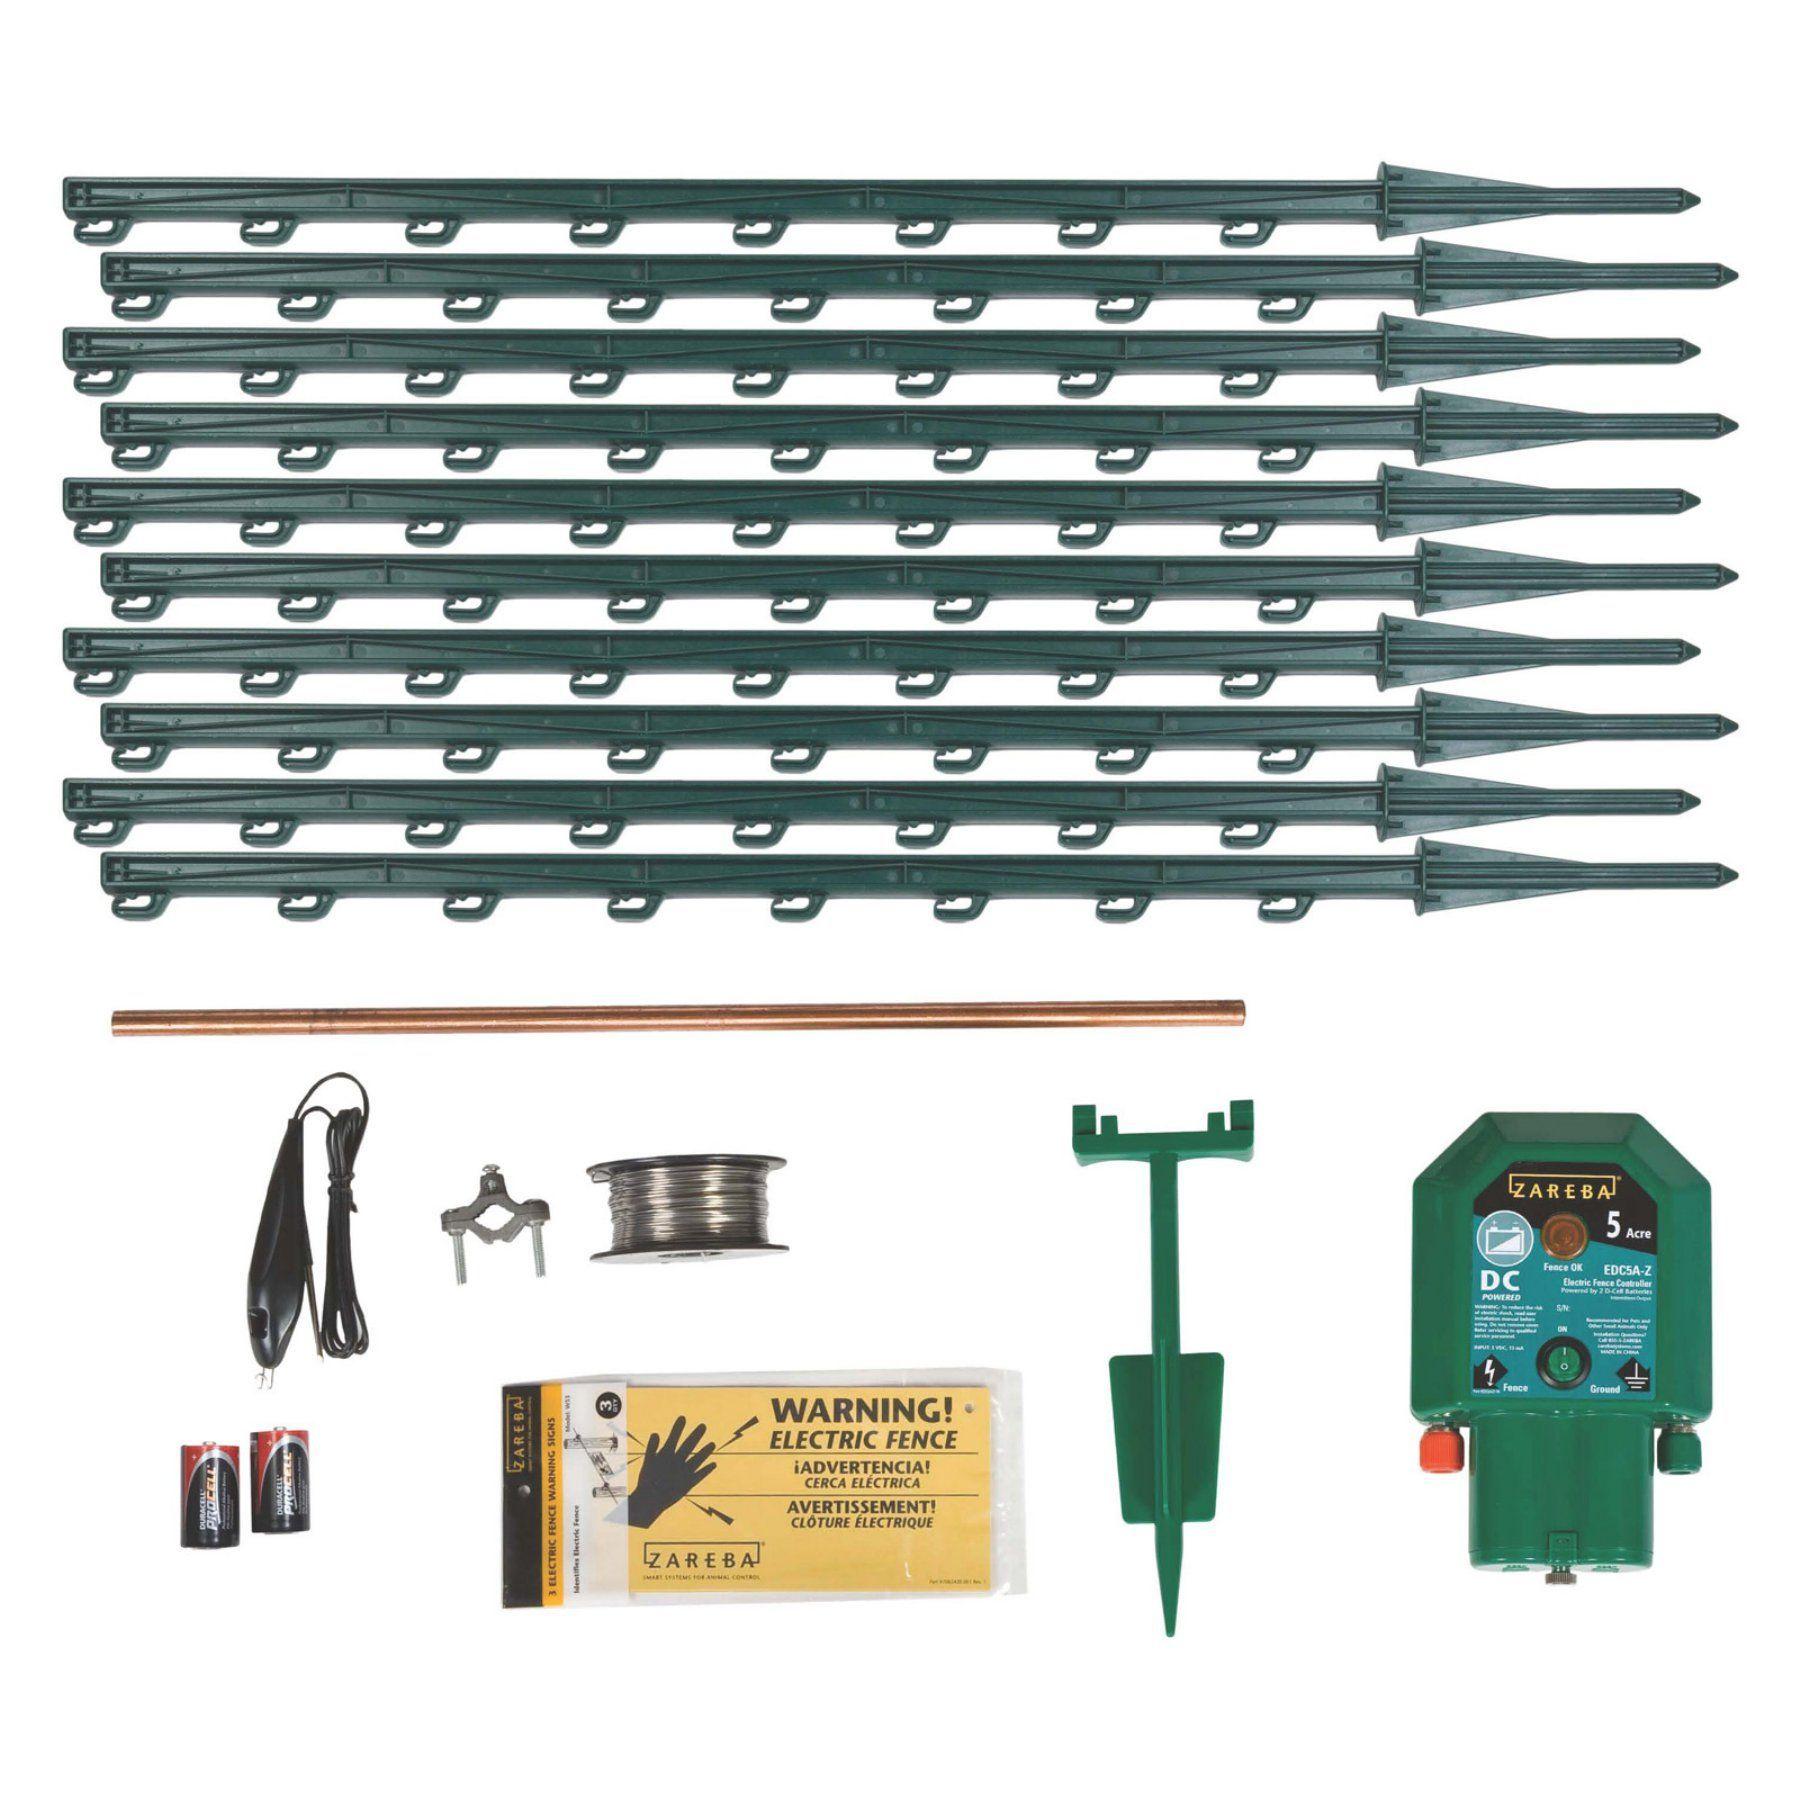 Zareba Battery Powered Garden Protection Kit Kgpdc Z Fence